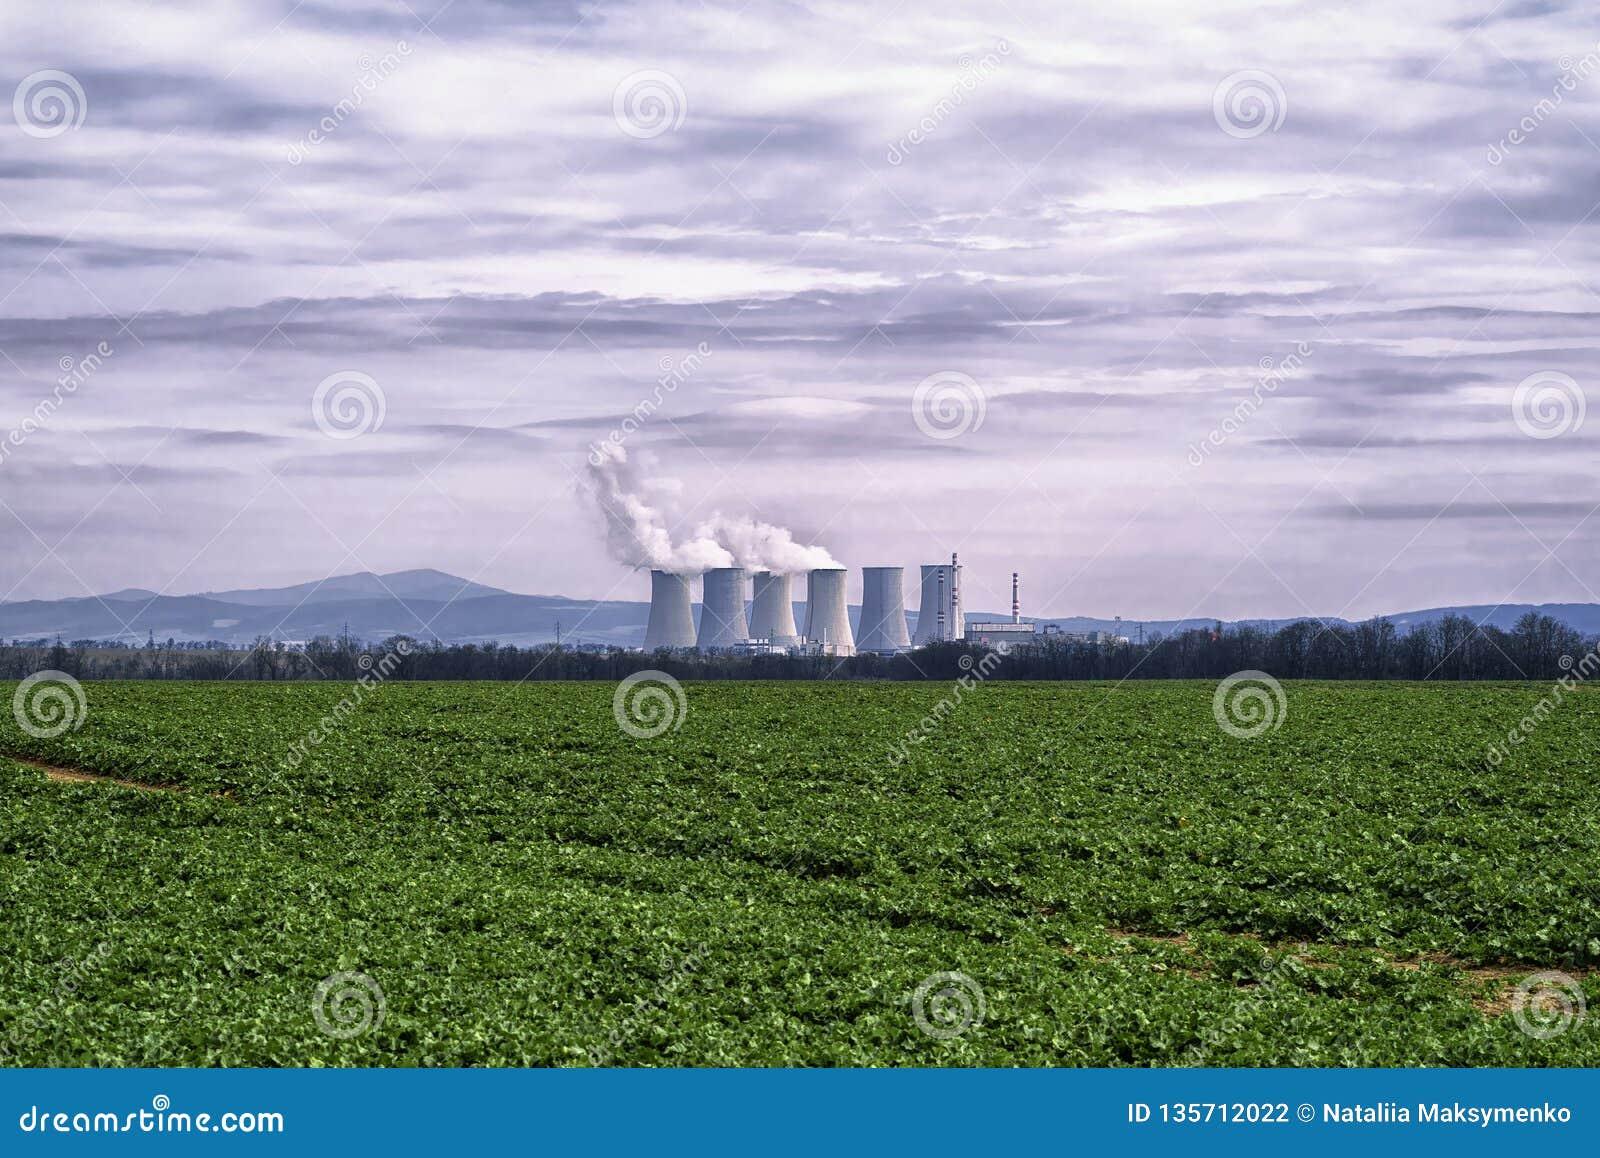 Kraftwerk, Kohle feuerte Kraftwerk mit den Kühltürmen ab, die Dampf in Atmosphäre freigeben Kraftwerk gegen den bewölkten Himmel